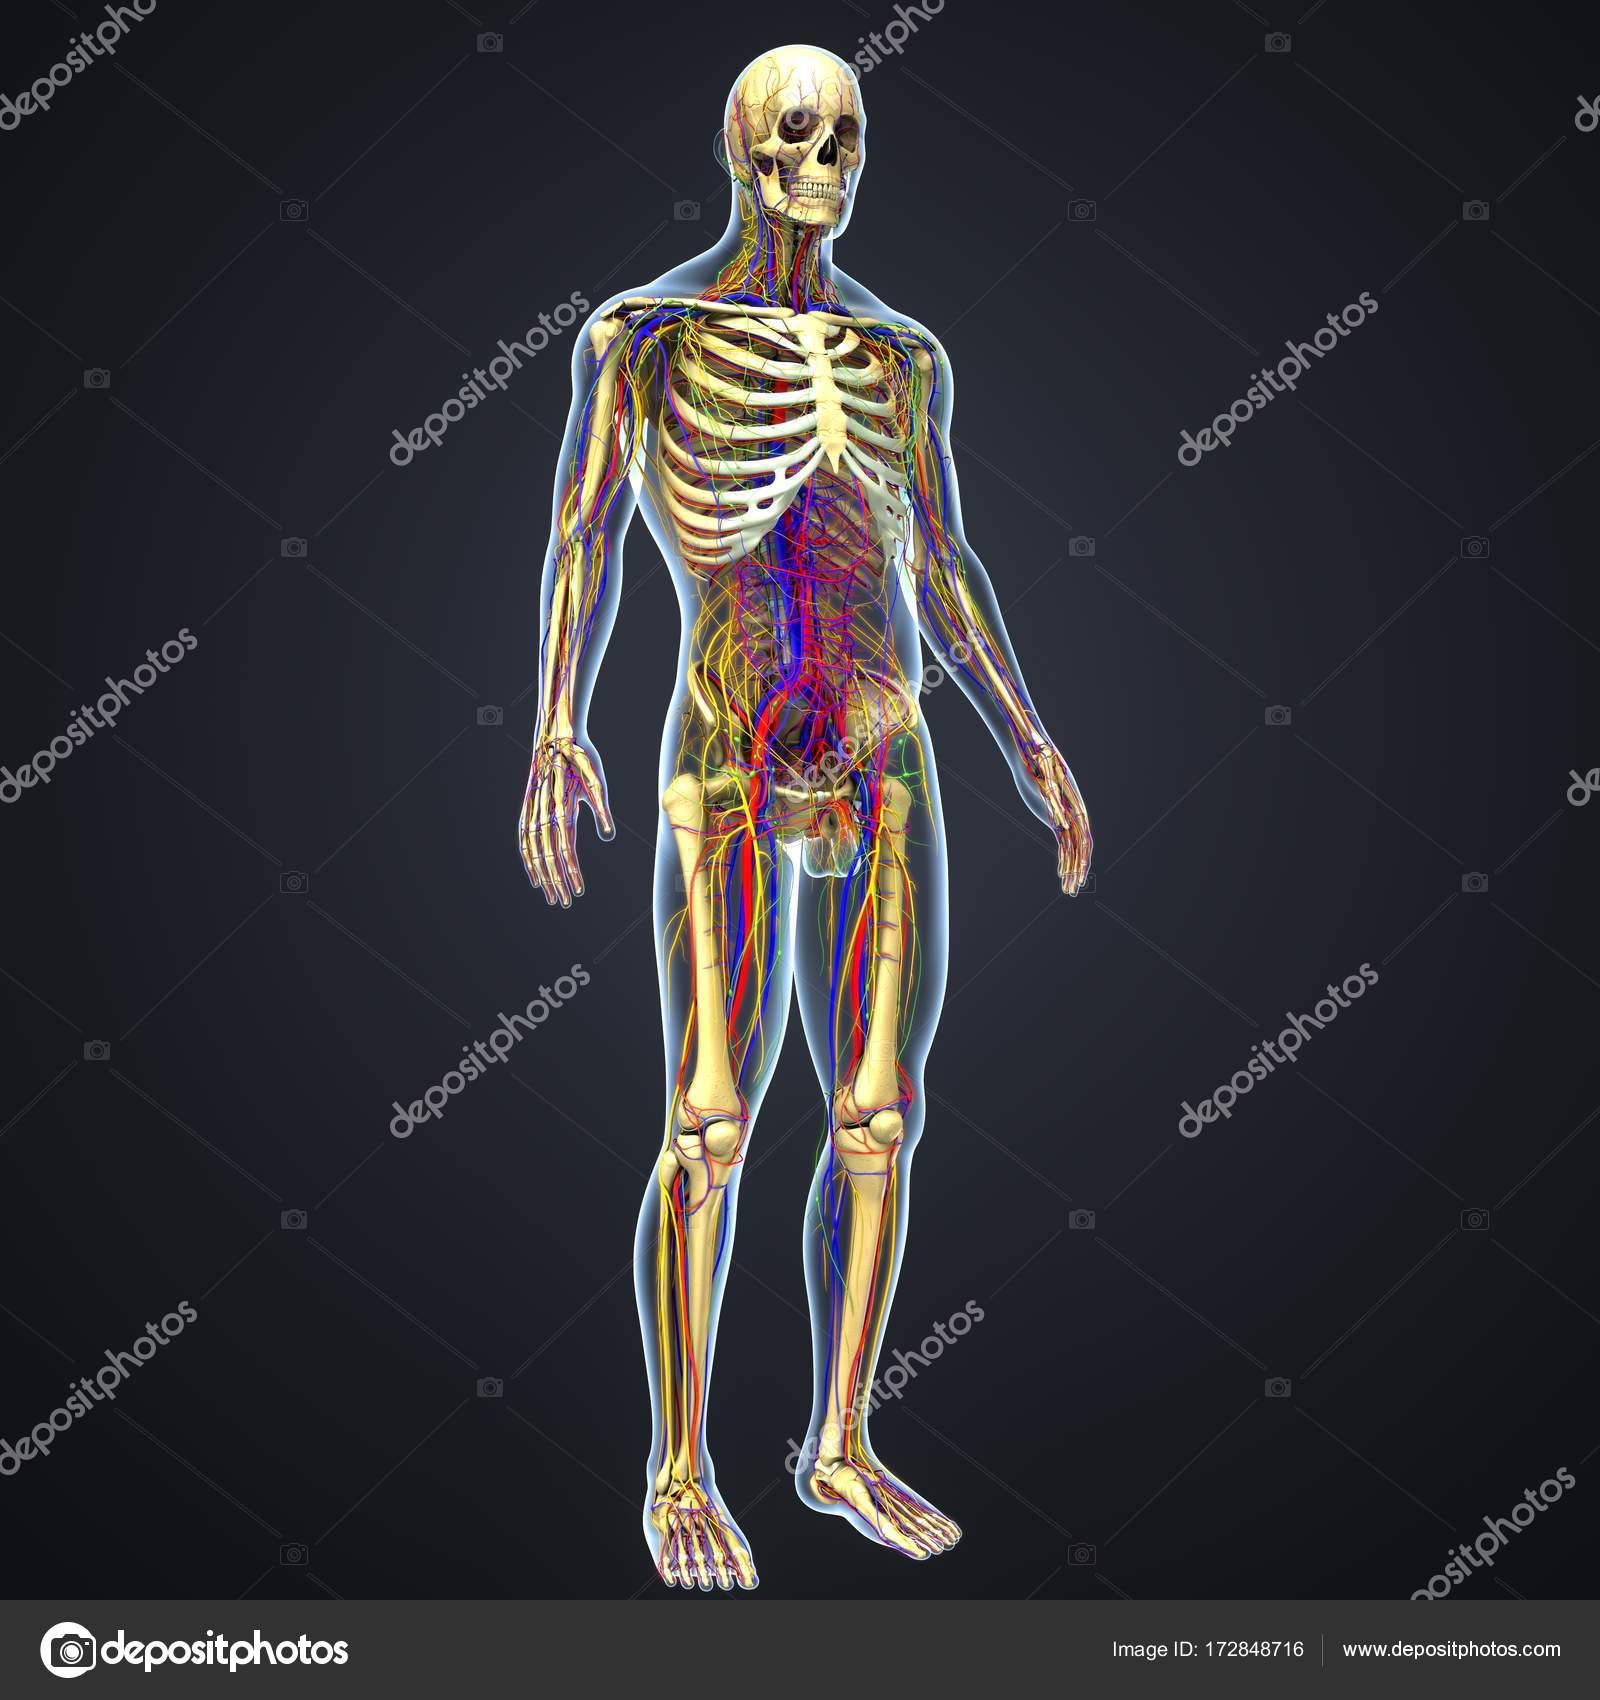 menschliche Anatomie mit Skelett — Stockfoto © sciencepics #172848716